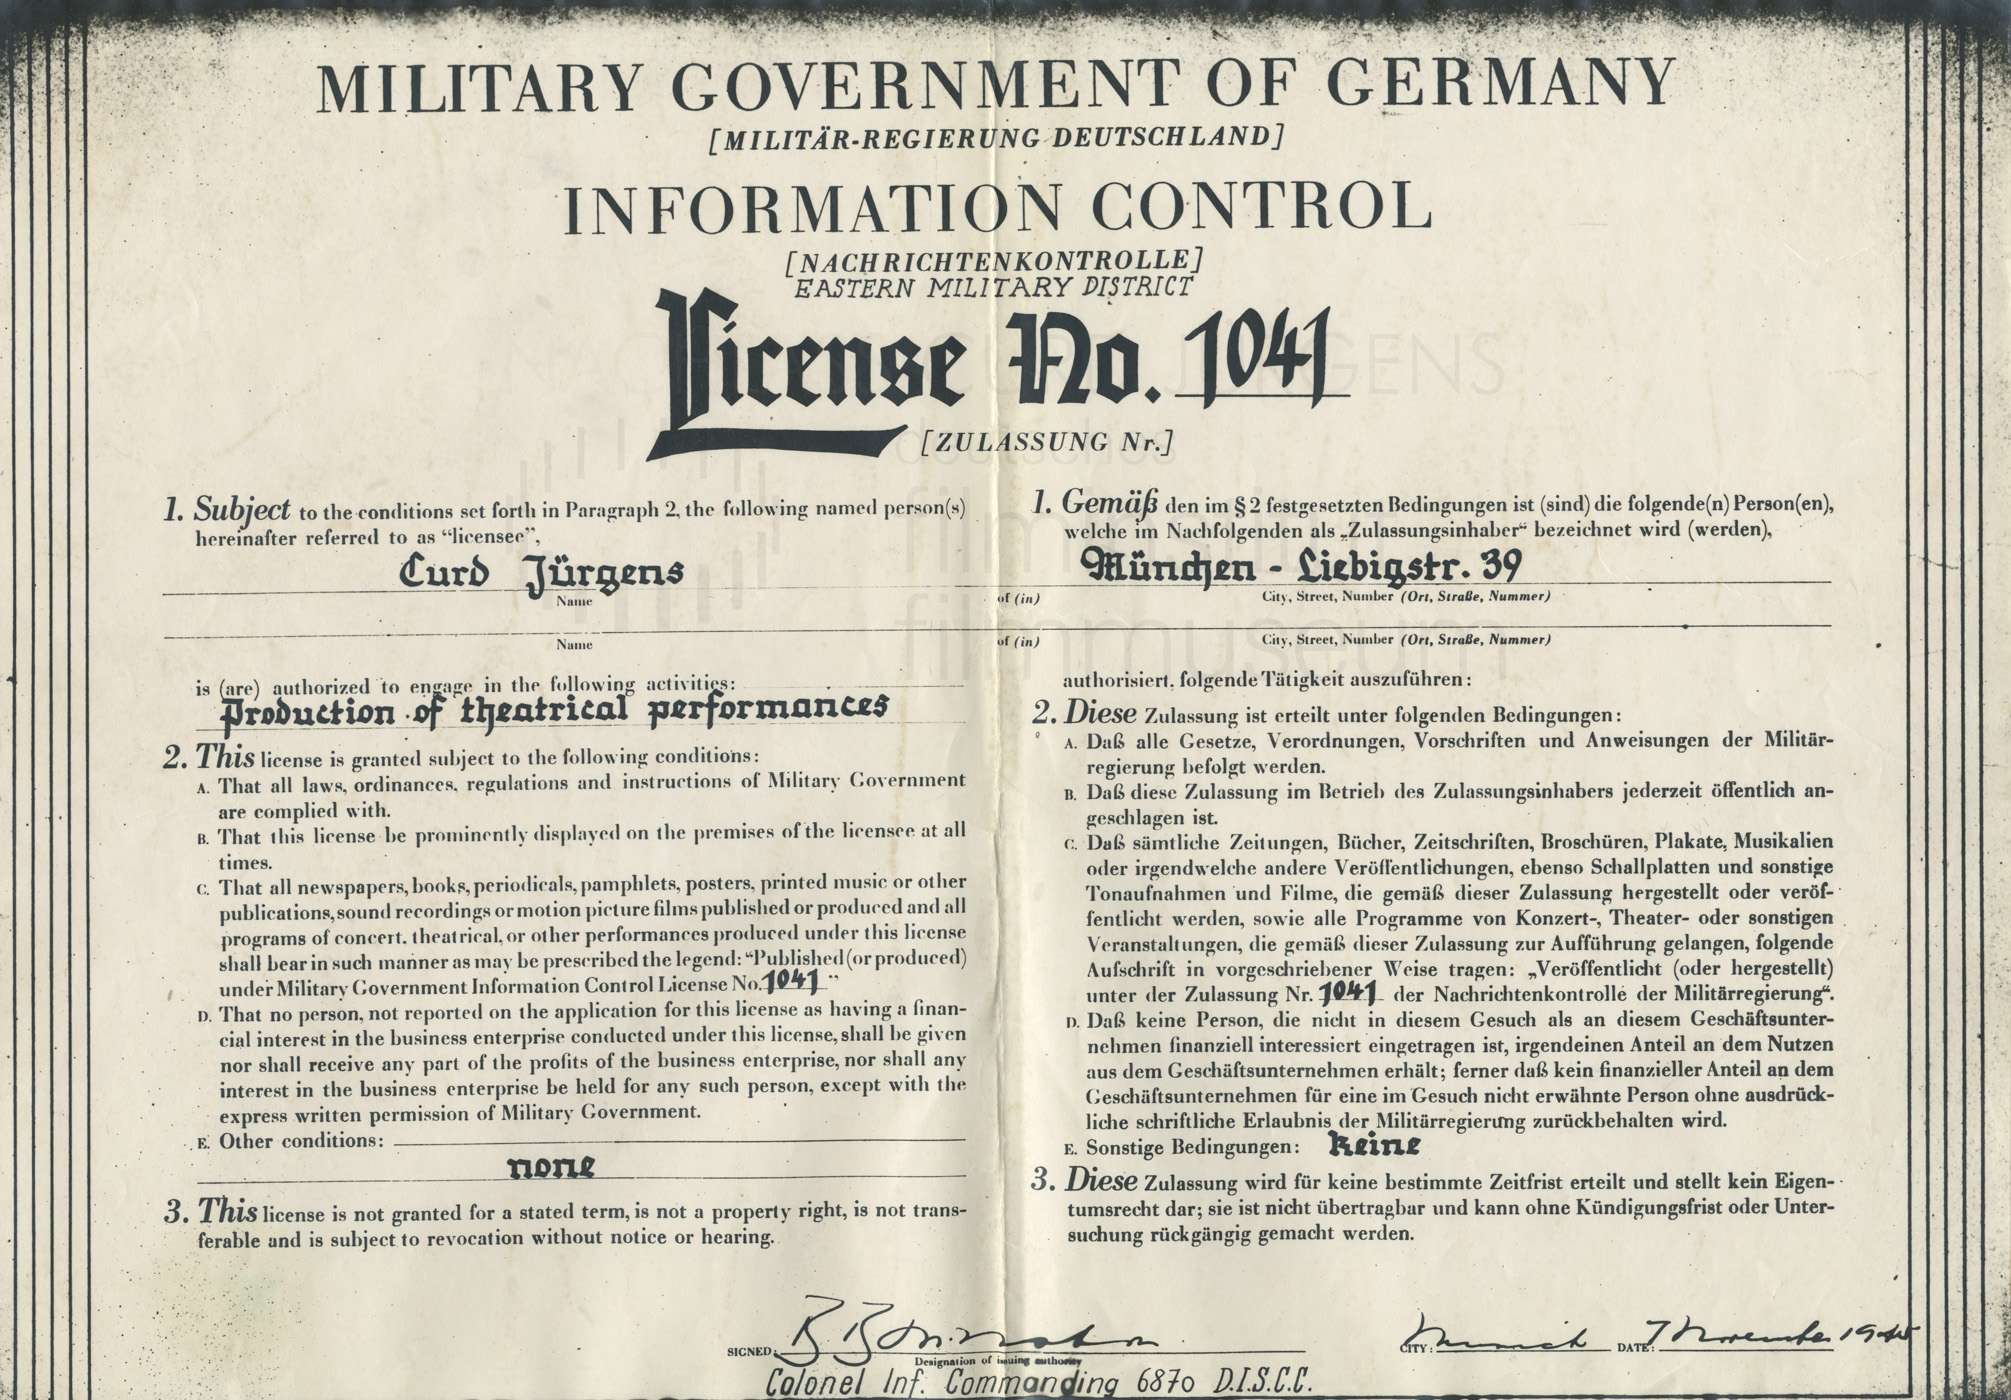 Theaterlizenz Nr. 1041, ausgestellt durch die Information Control (Nachrichtenkontrolle der Militär-Regierung). München, 7.11.1945